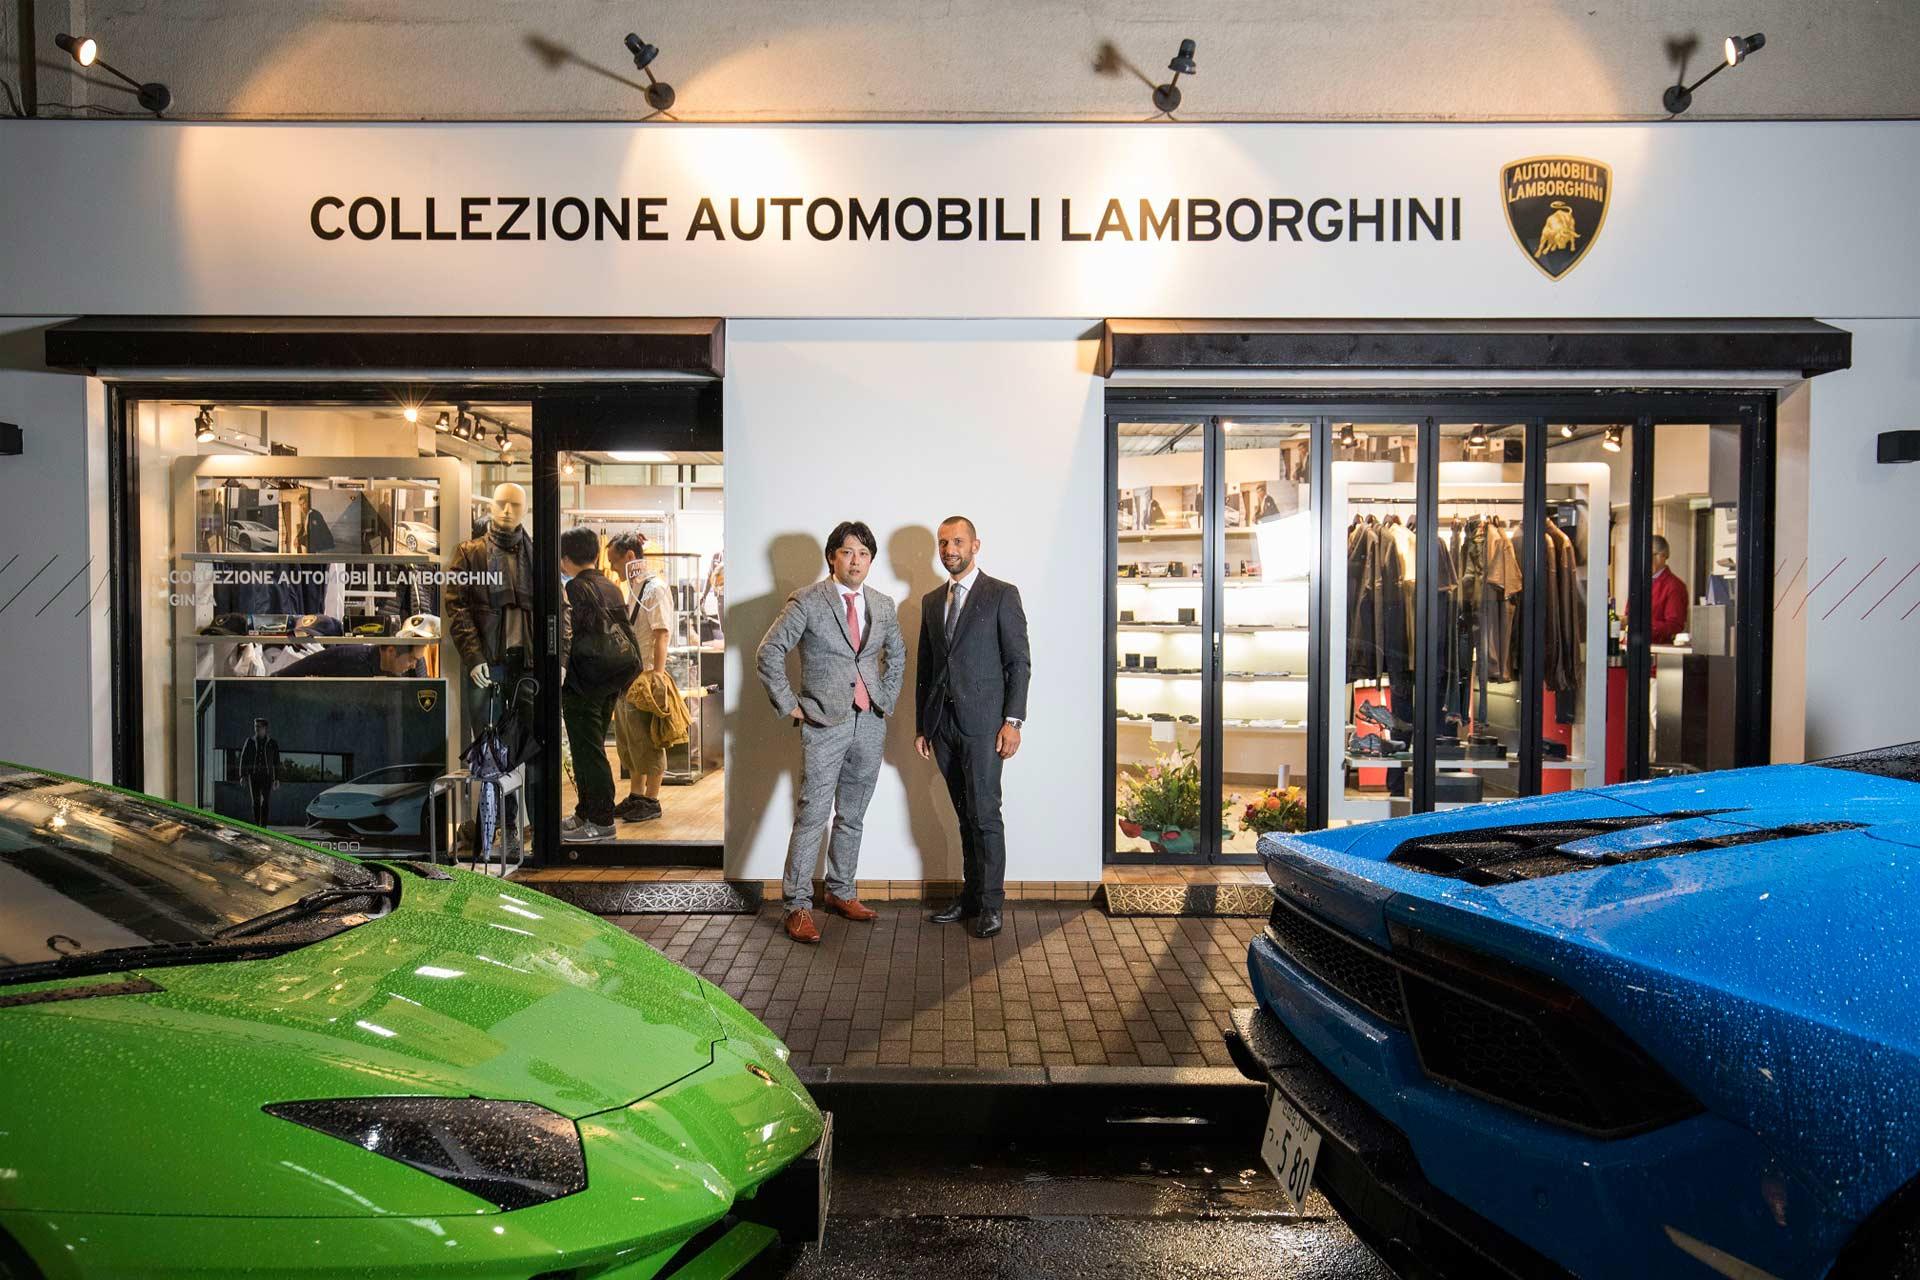 Lamborghini opened its first official Collezione Automobili Lamborghini store in Ginza, Japan